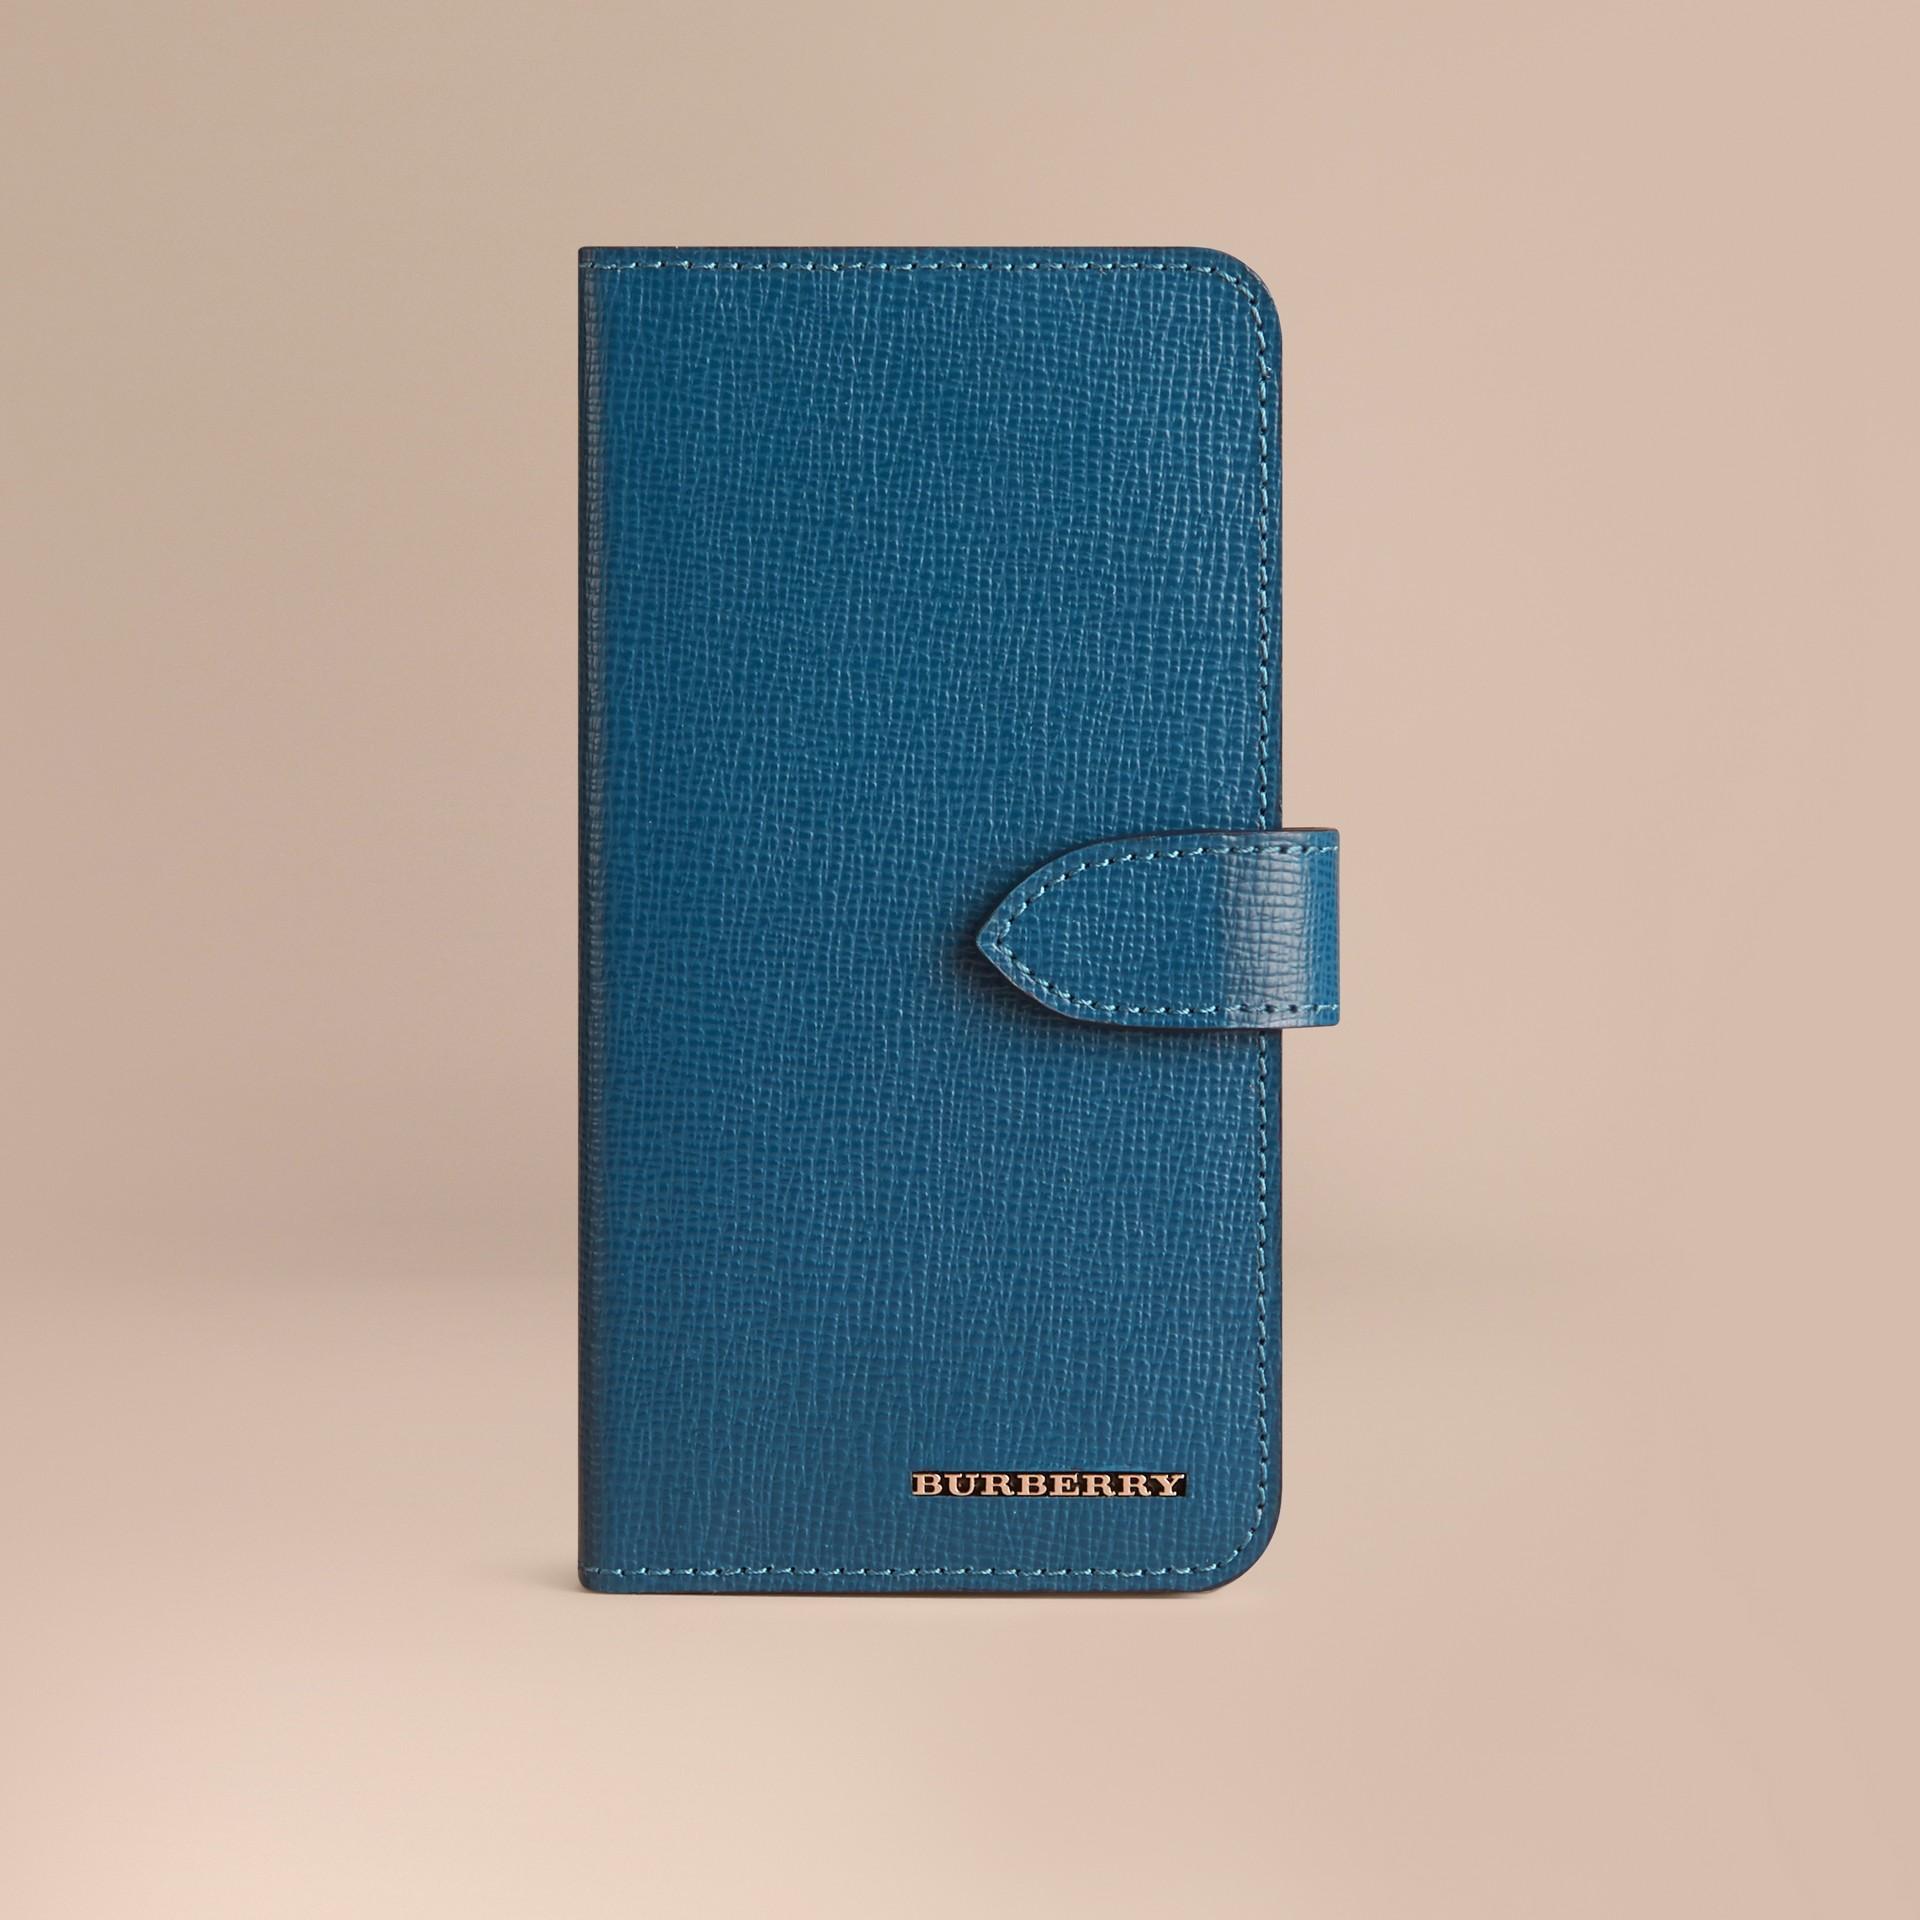 Blu minerale Custodia a libro in pelle London per iPhone 6 Blu Minerale - immagine della galleria 1